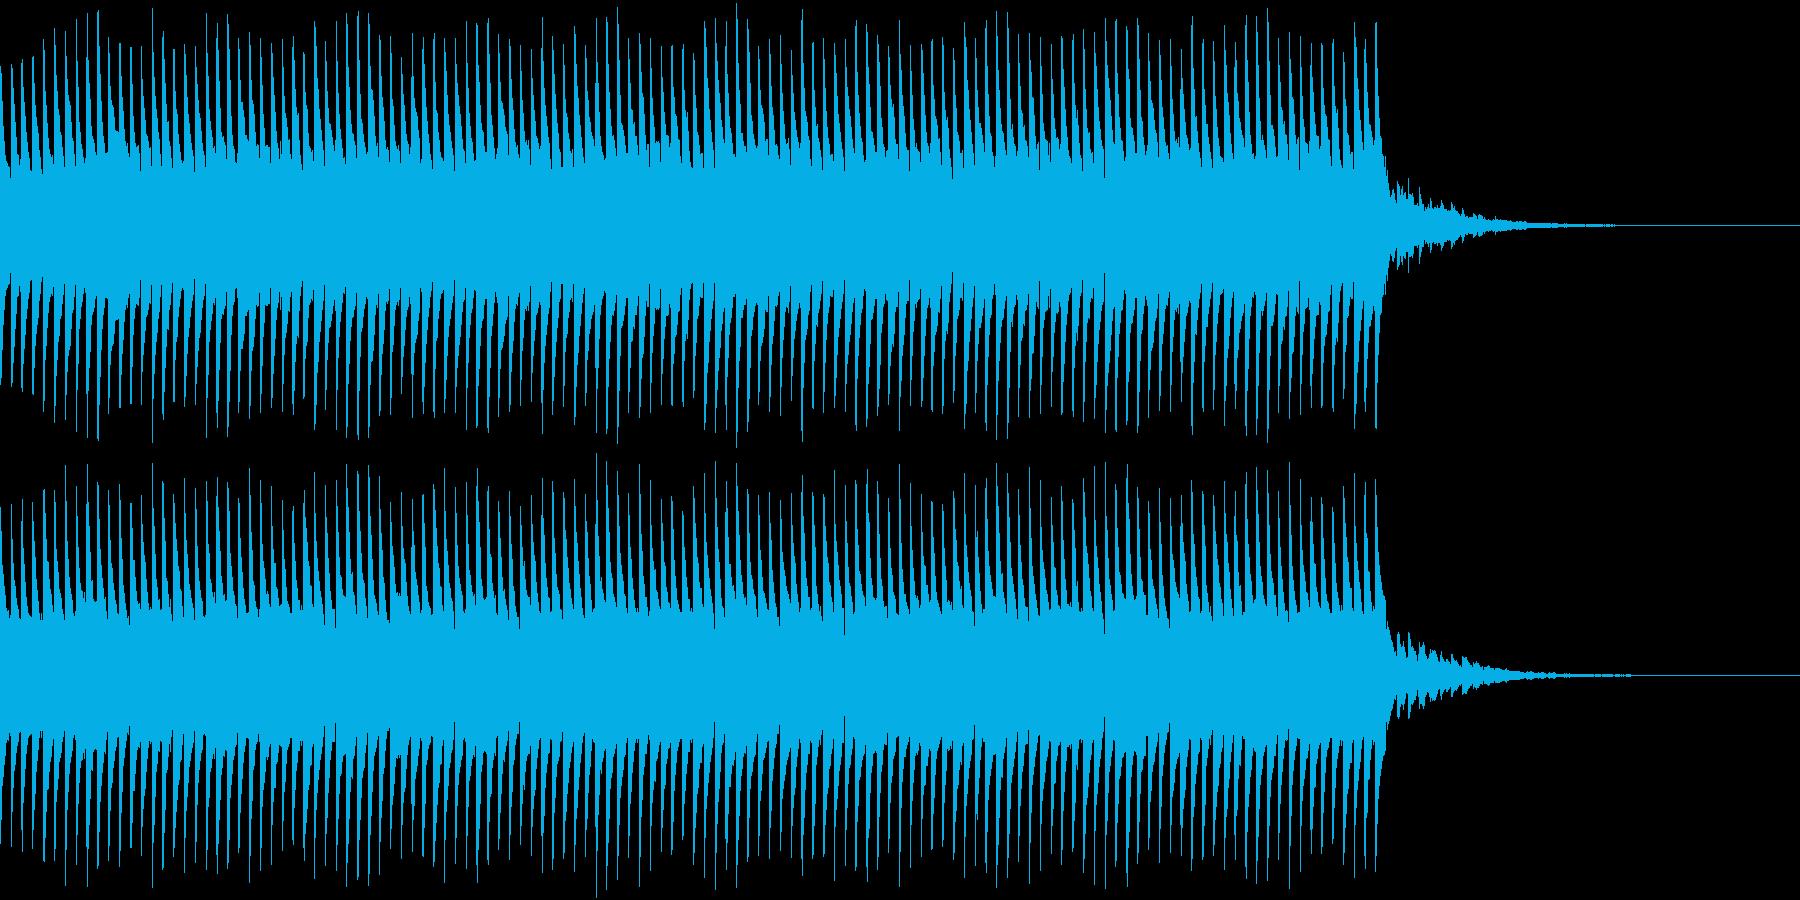 近代的な光のイメージの再生済みの波形